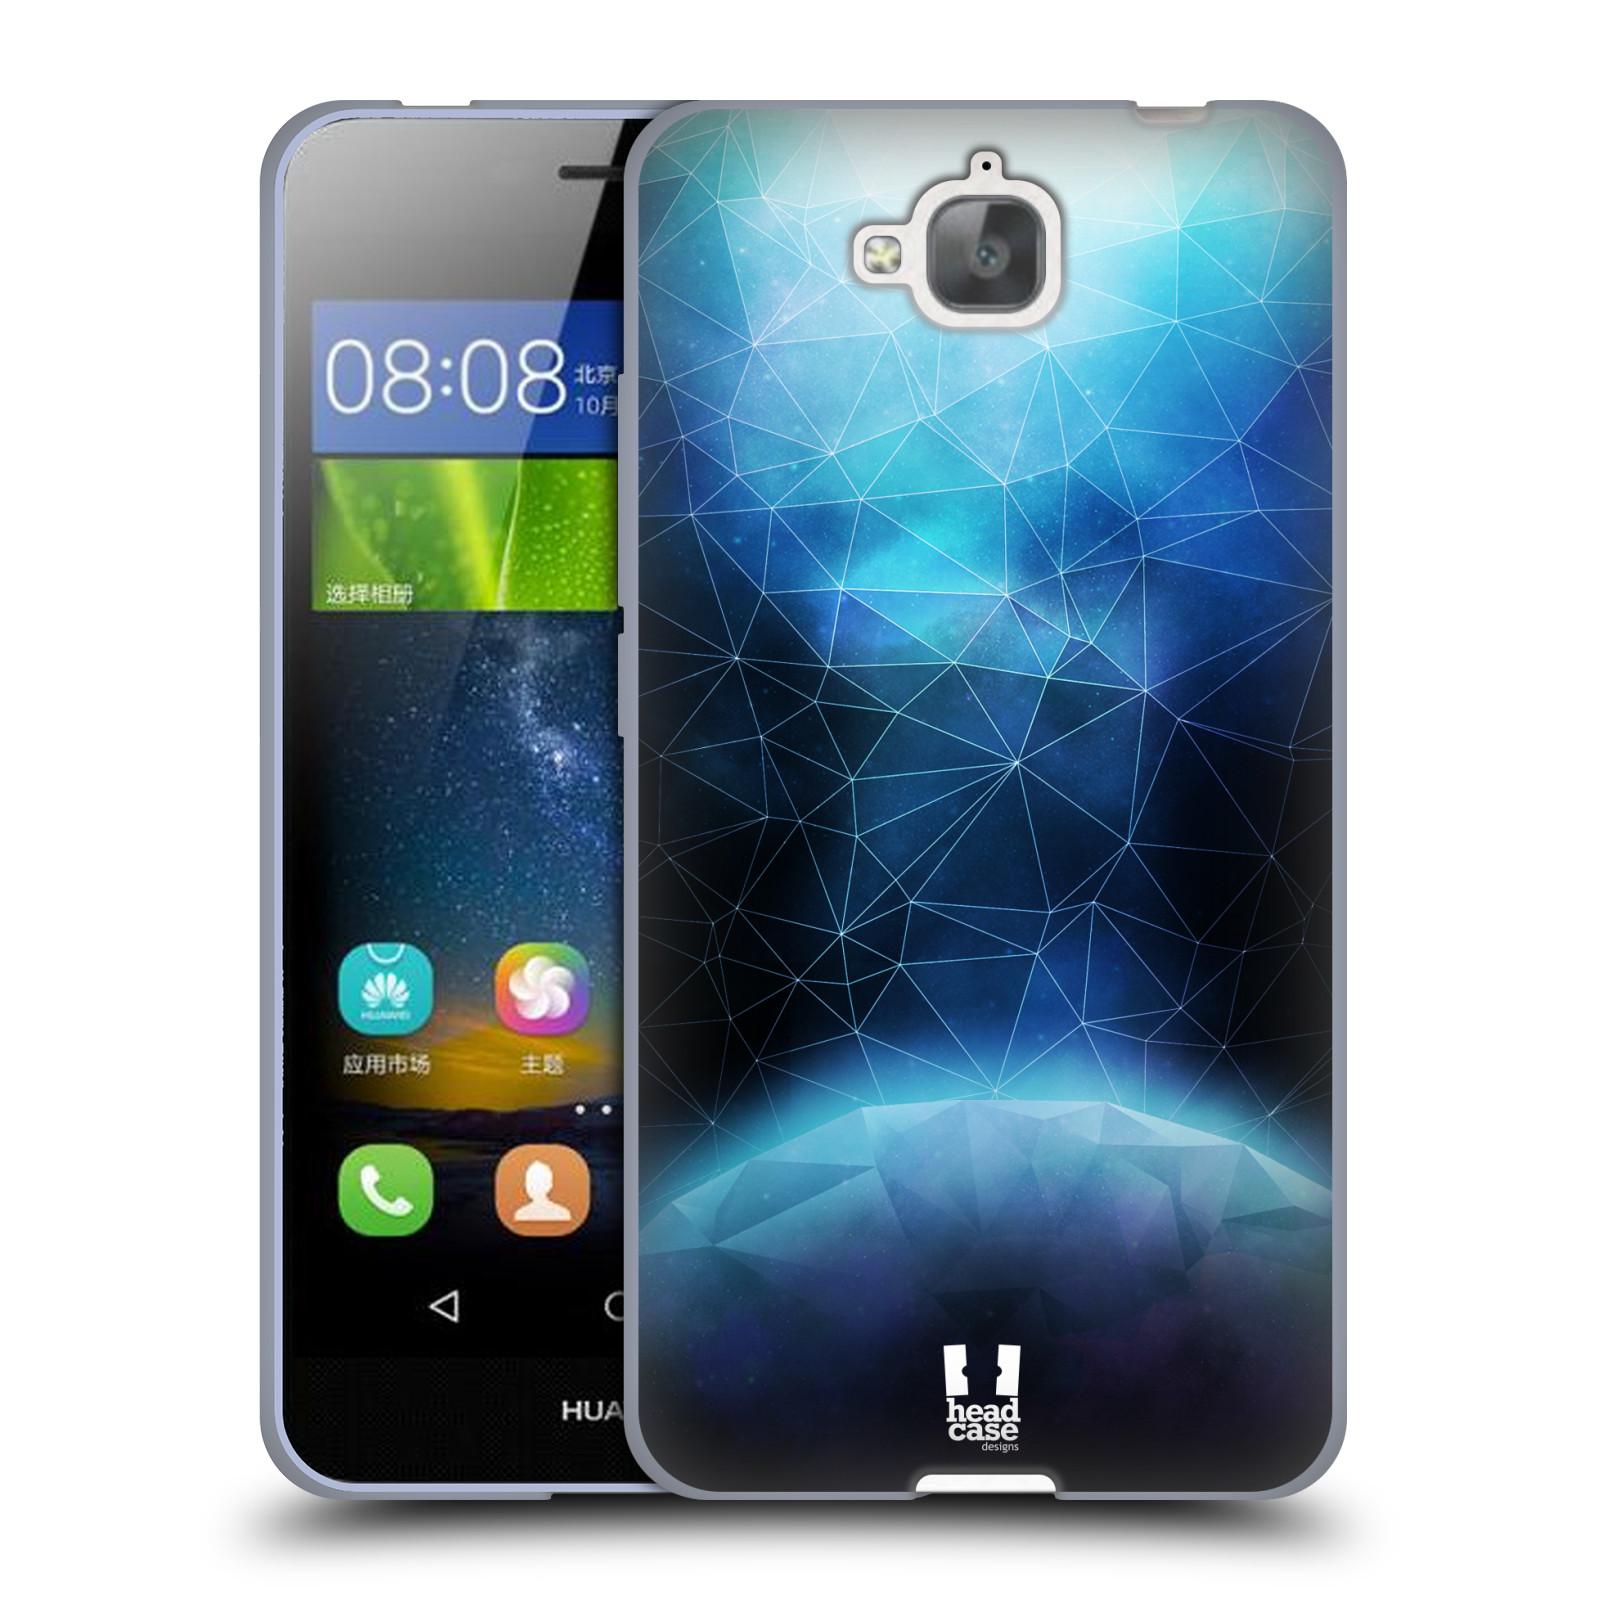 Silikonové pouzdro na mobil Huawei Y6 Pro Dual Sim HEAD CASE UNIVERSE ABSORB